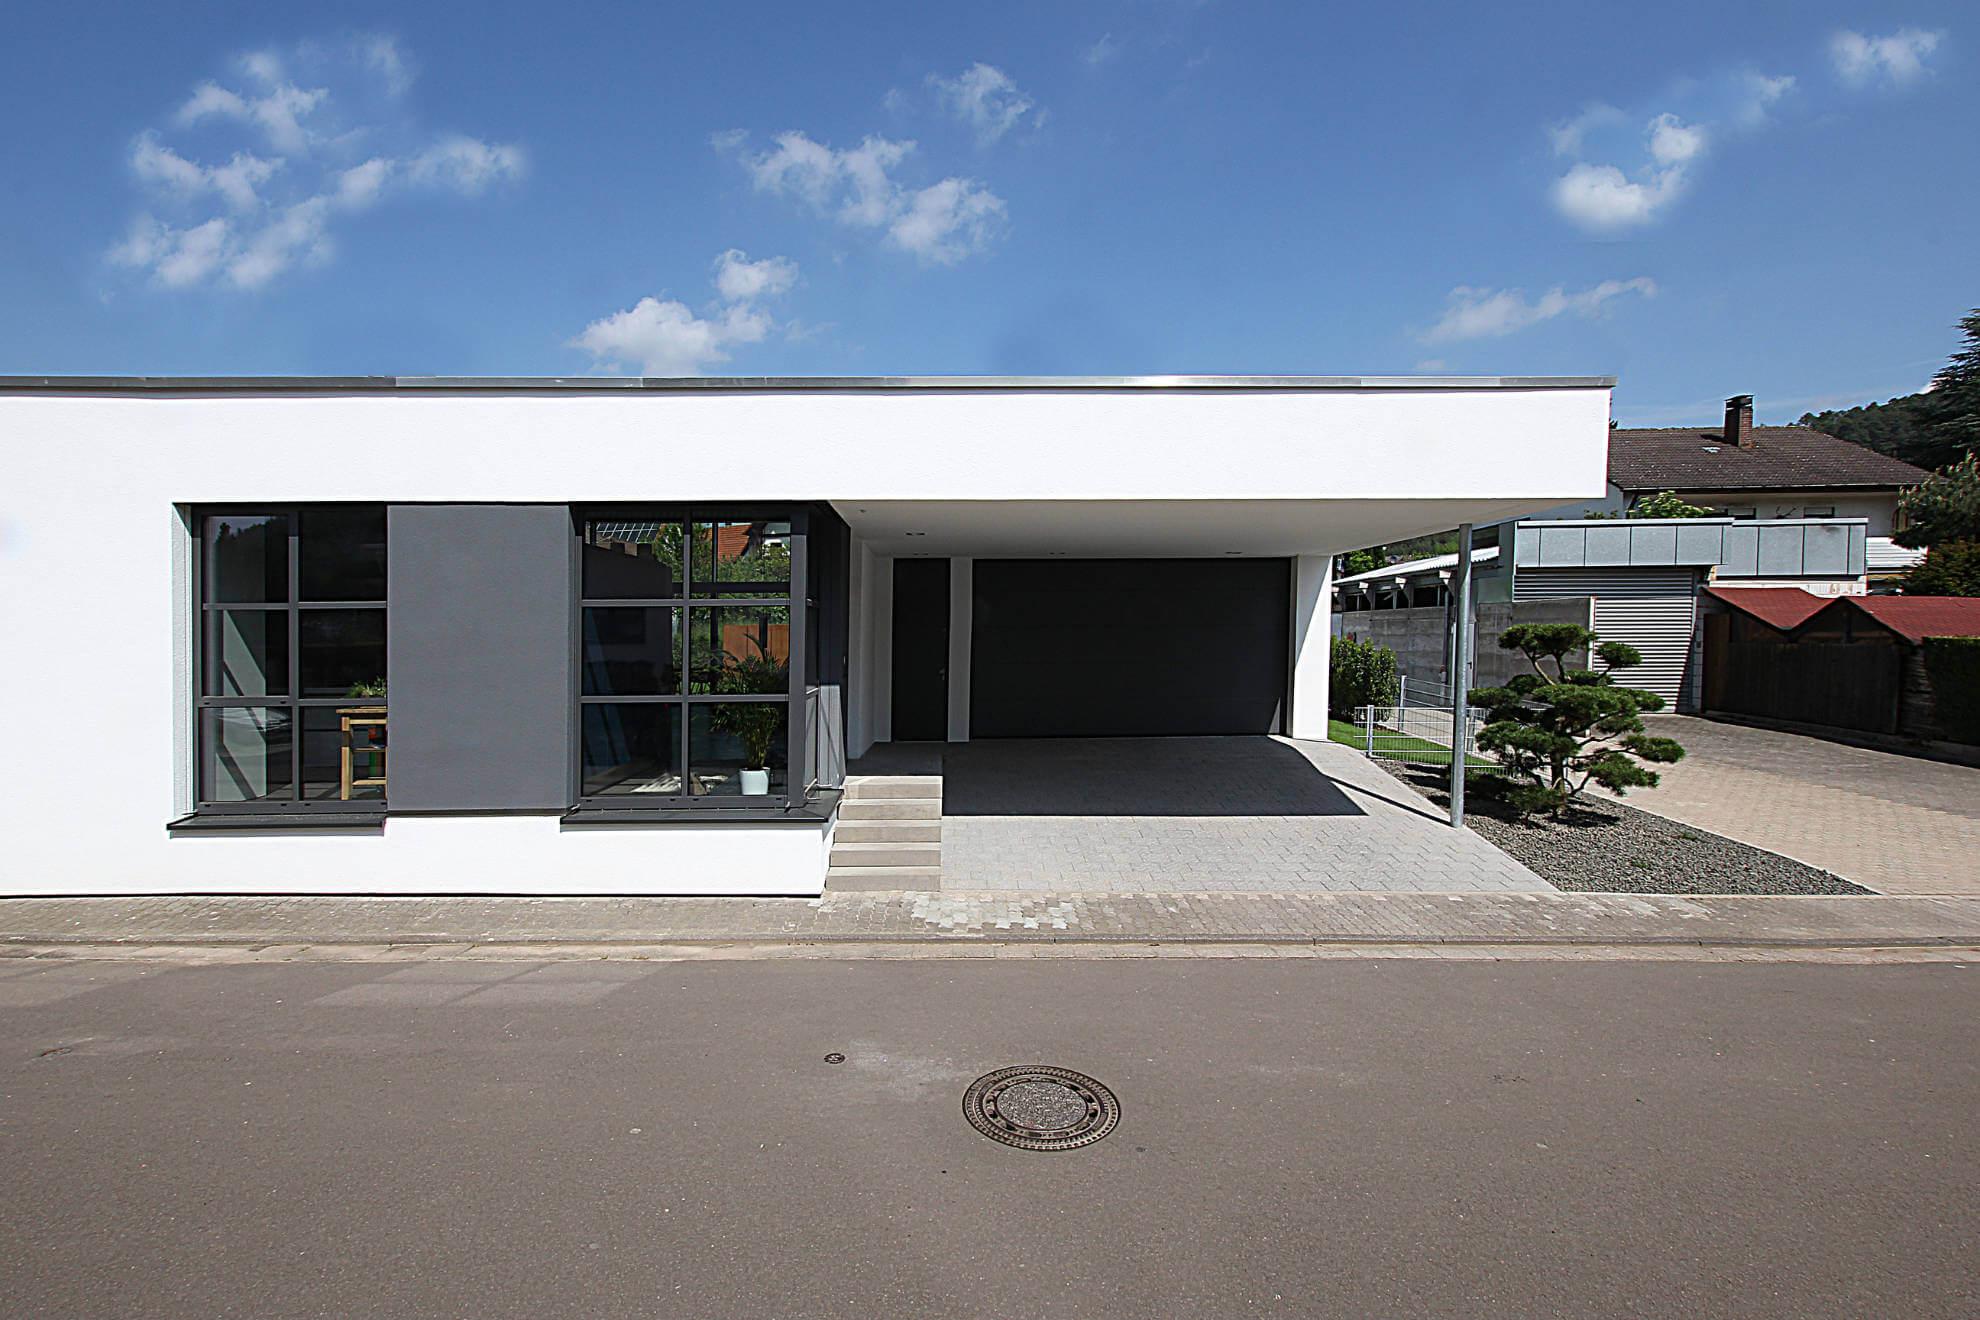 lx-a-02-marcbetz architekten